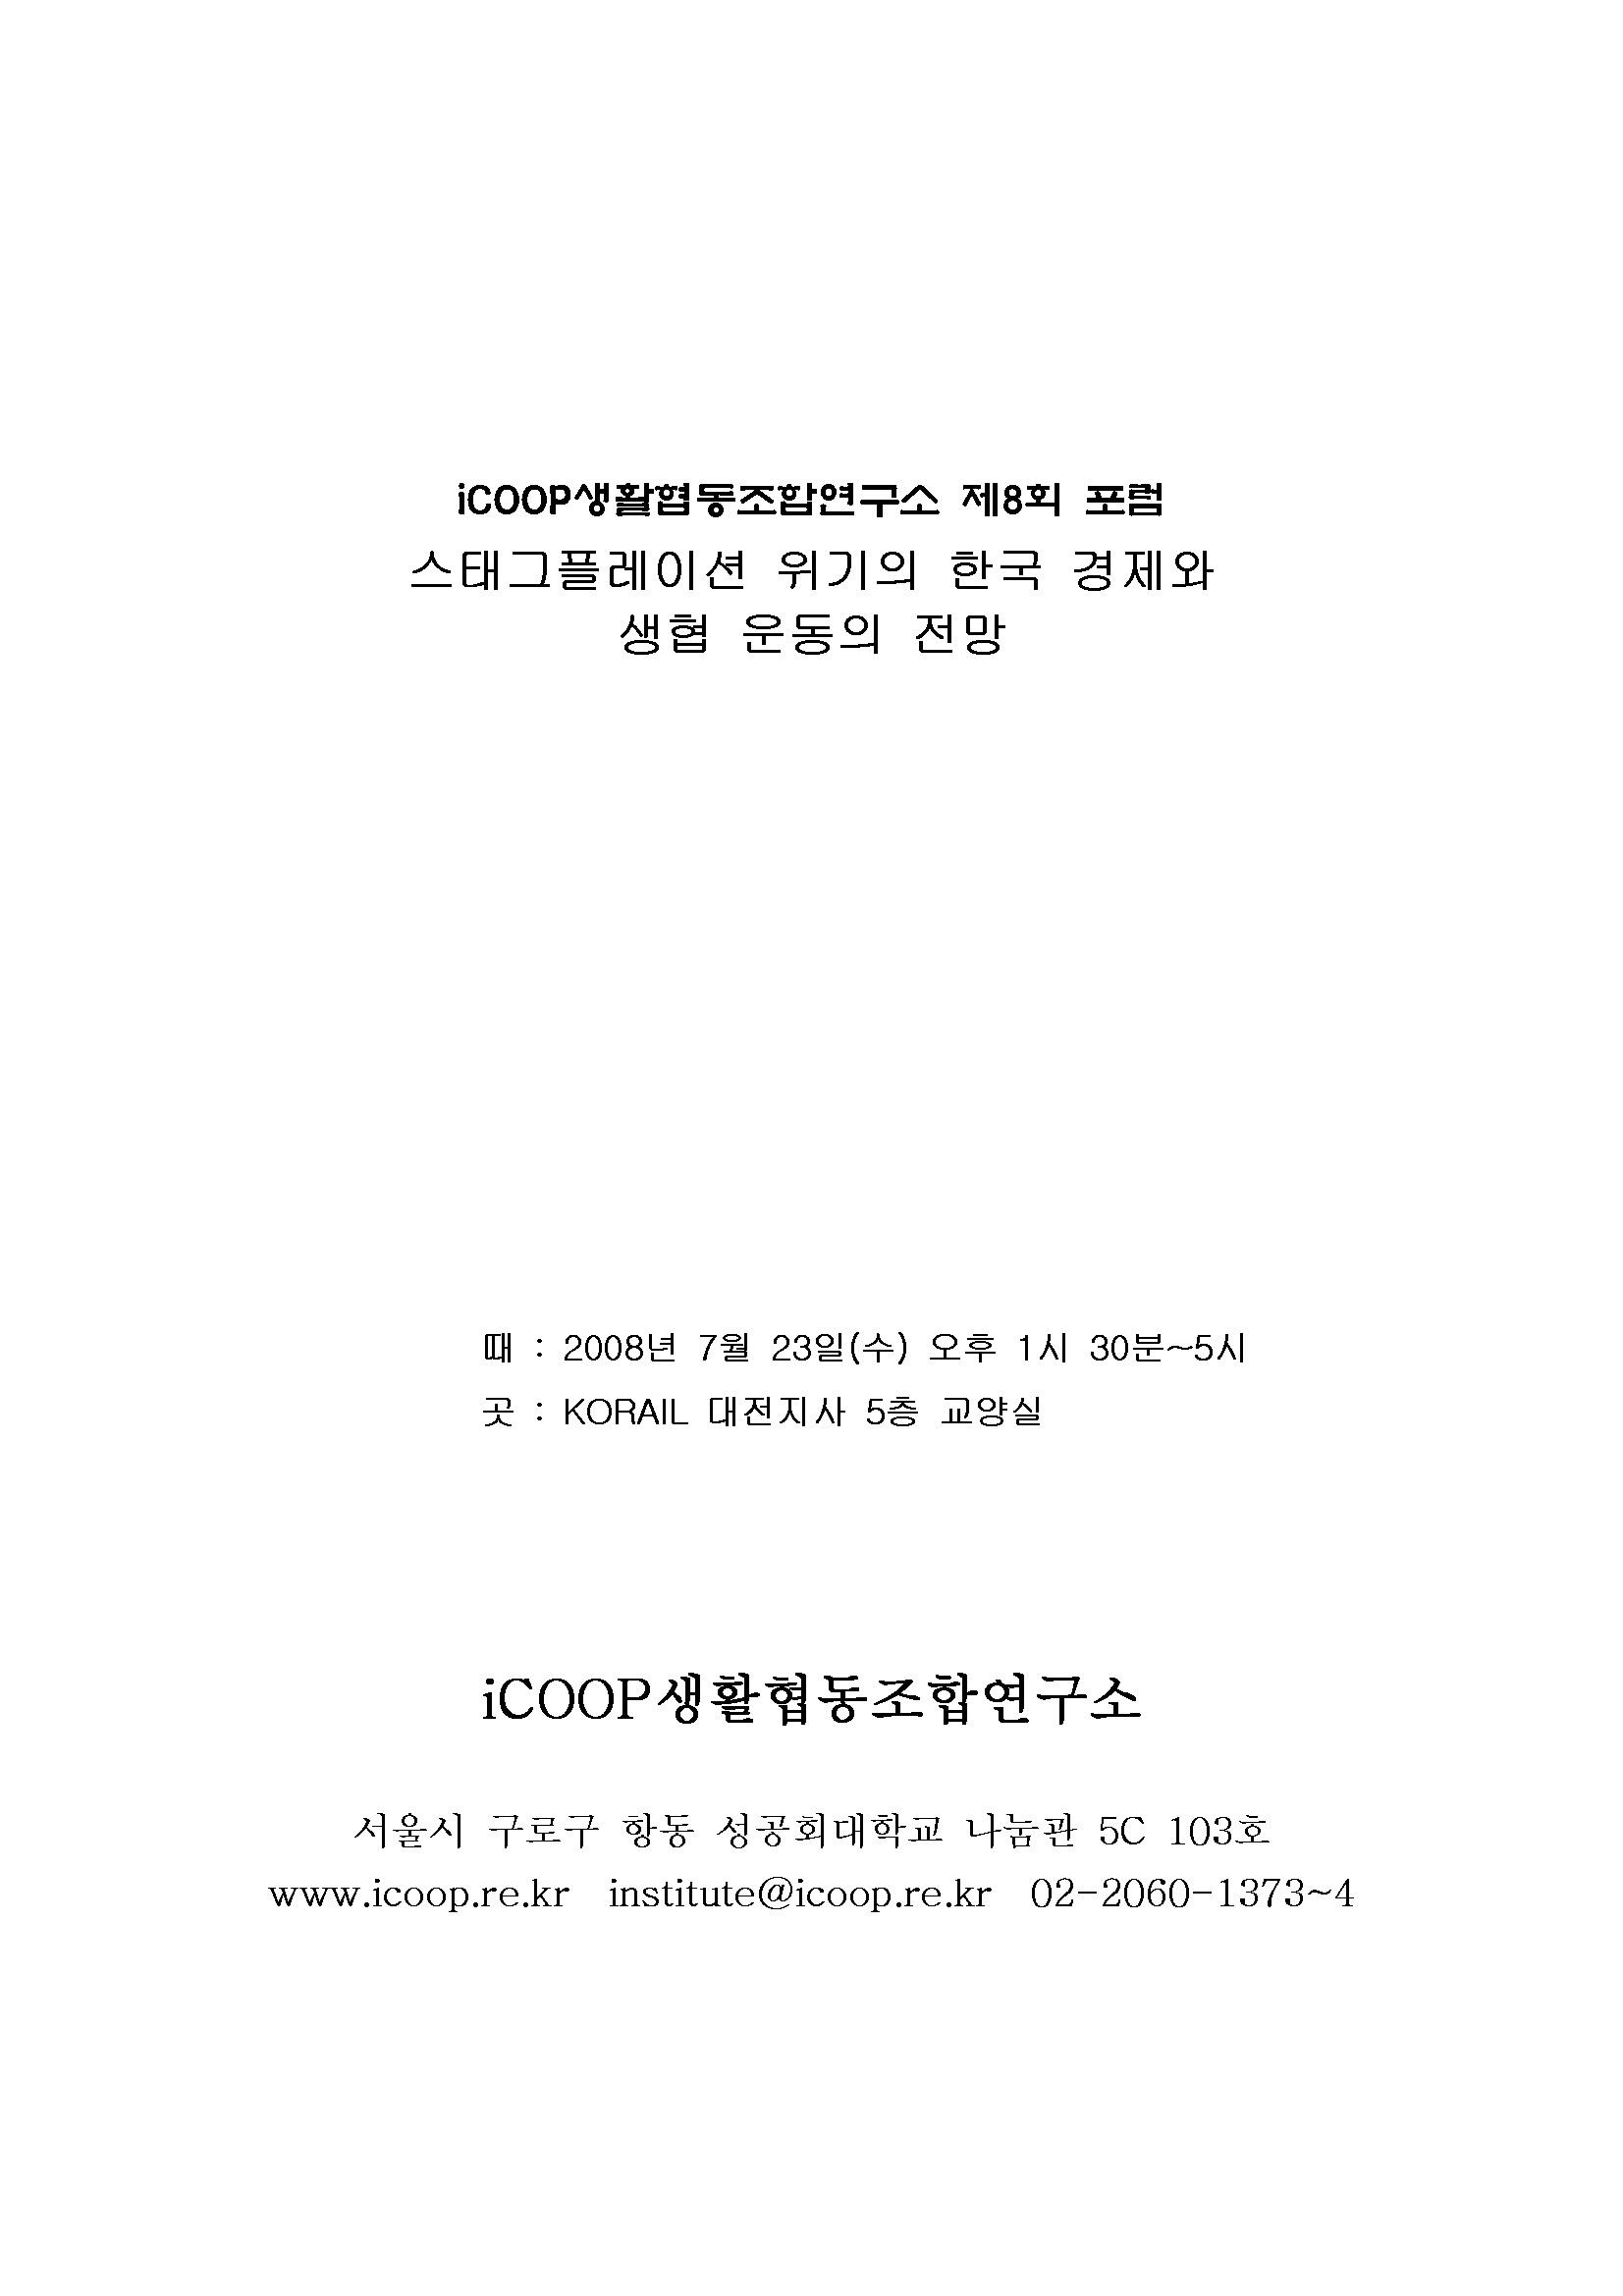 22_(제8회 포럼 자료집) 『스태그플레이션 위기의 한국 경제와 생협 운동의 전망』_Page_01.jpg